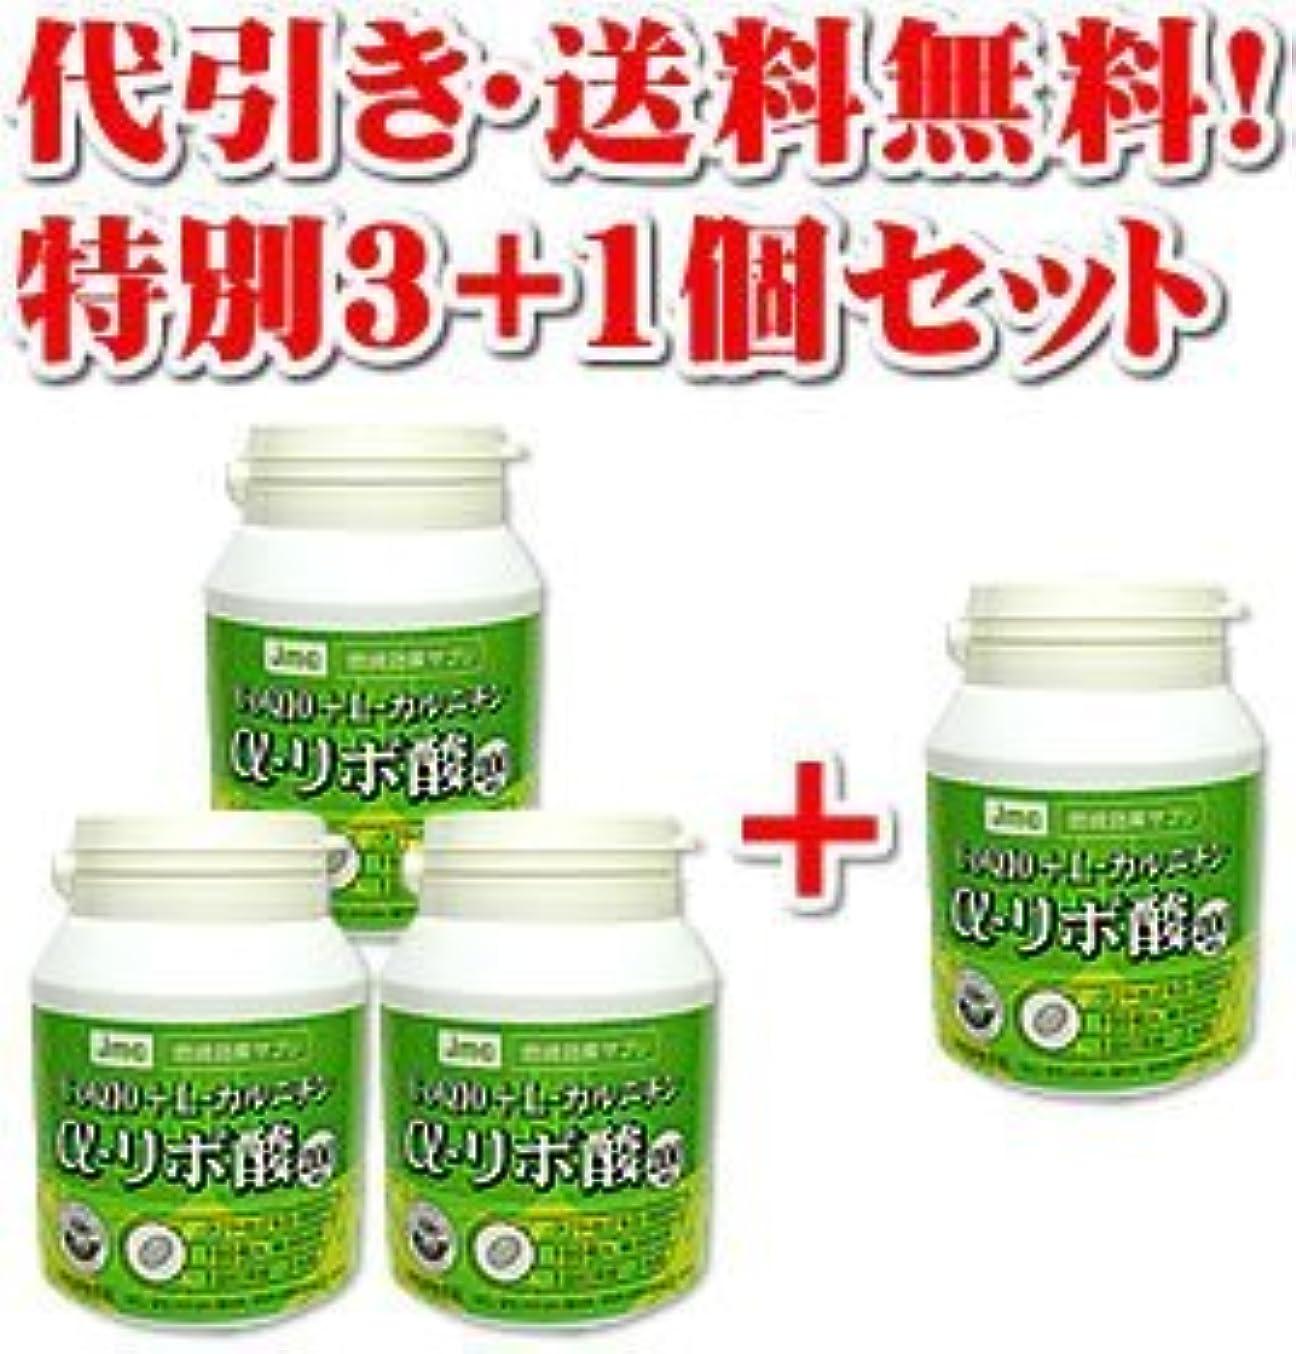 寛大な父方の折り目α-リポ酸200mg(ダイエットの4大成分を1粒に凝縮)4個セット